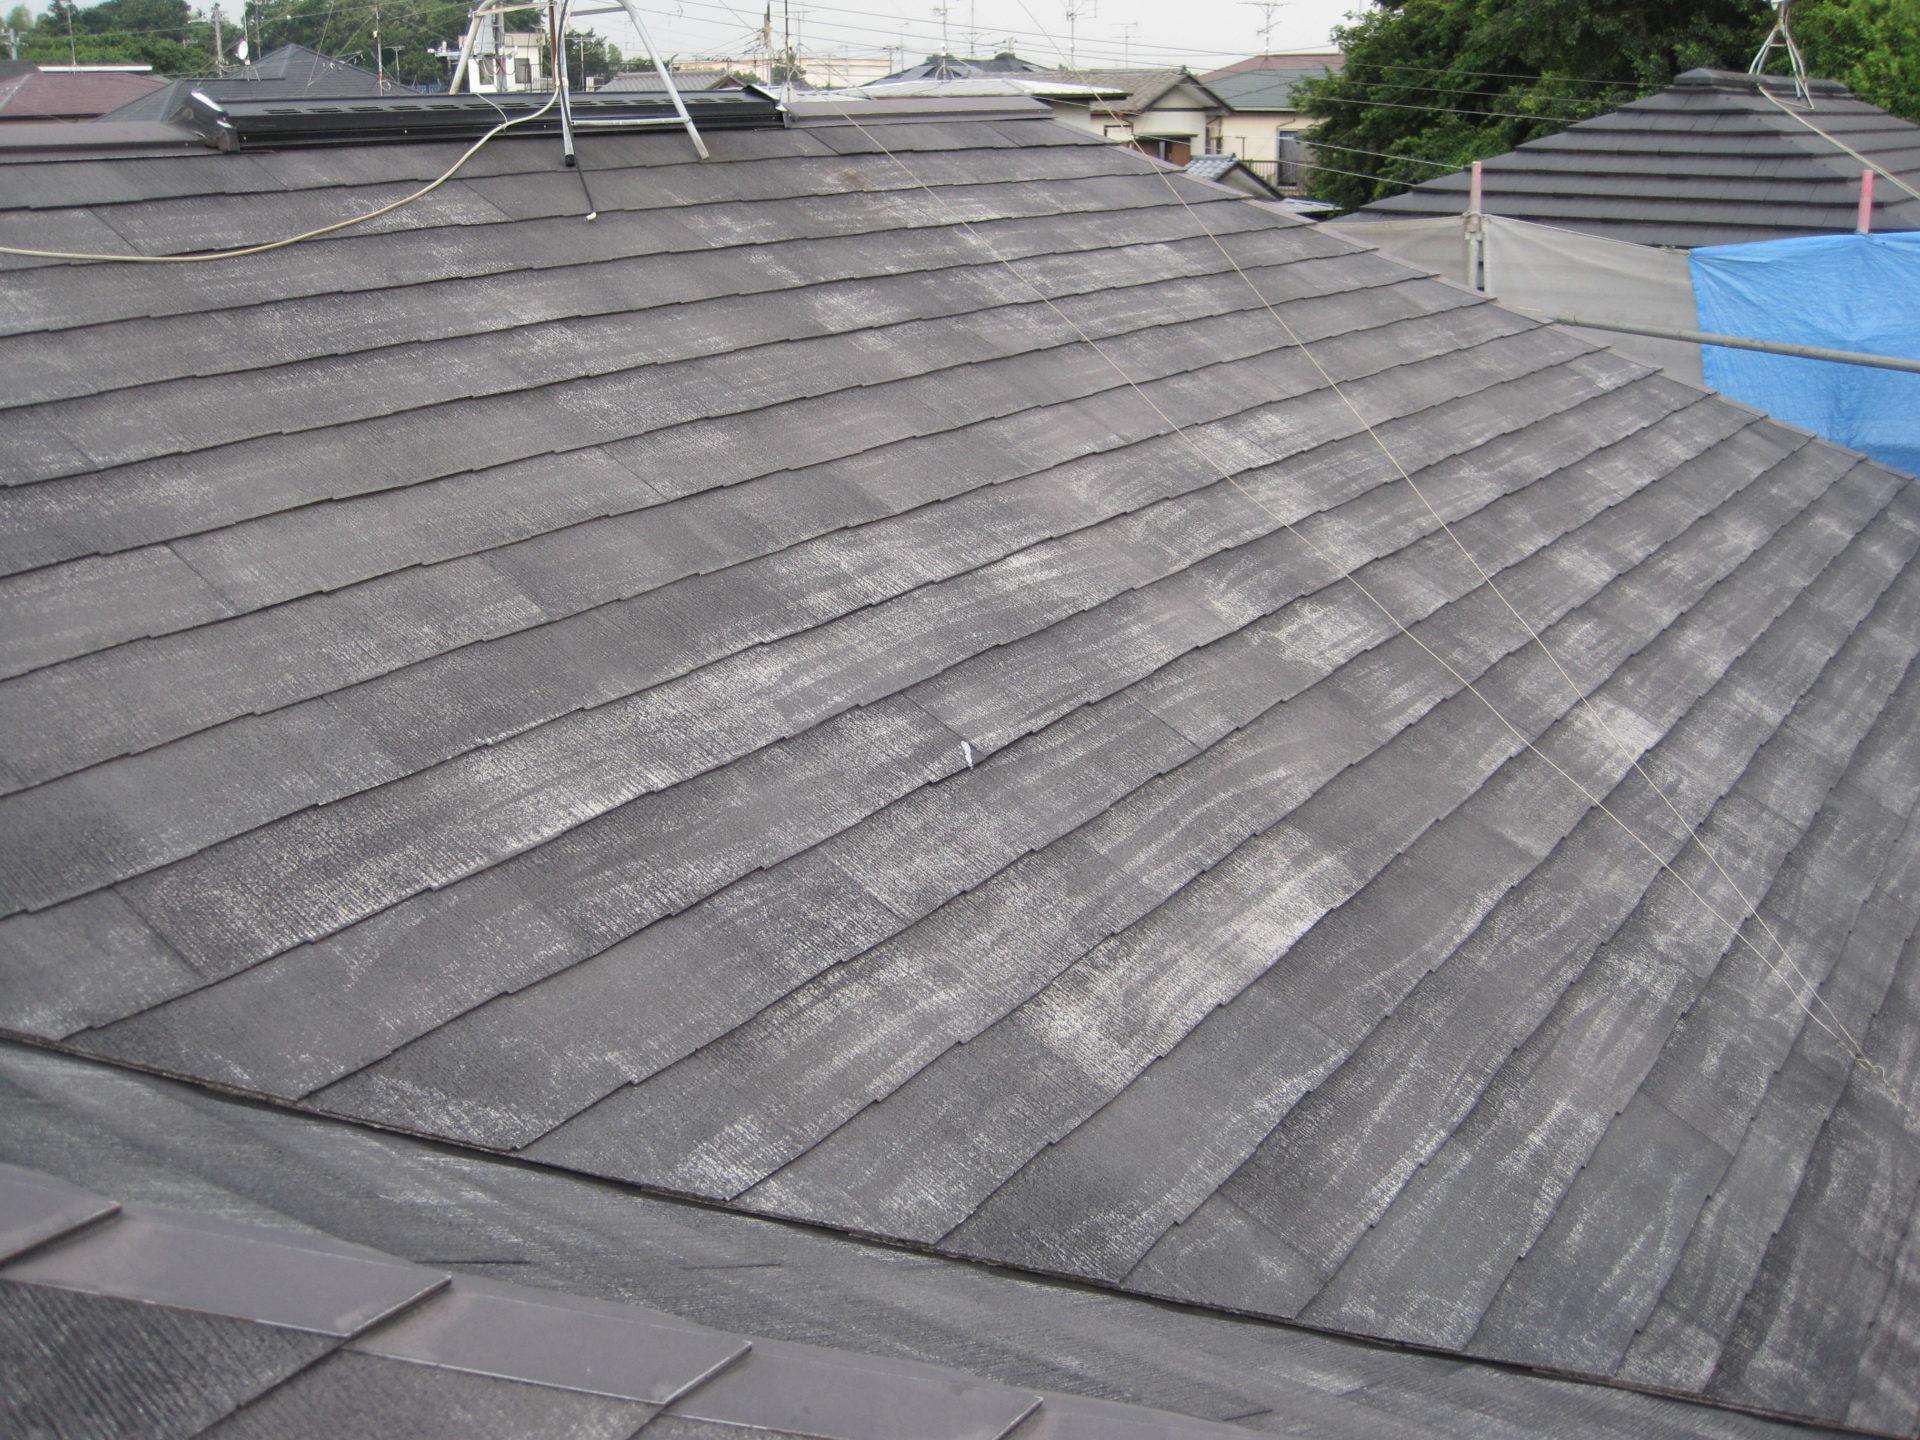 静岡県御殿場市屋根・外壁塗装工事 屋根高圧洗浄後の画像